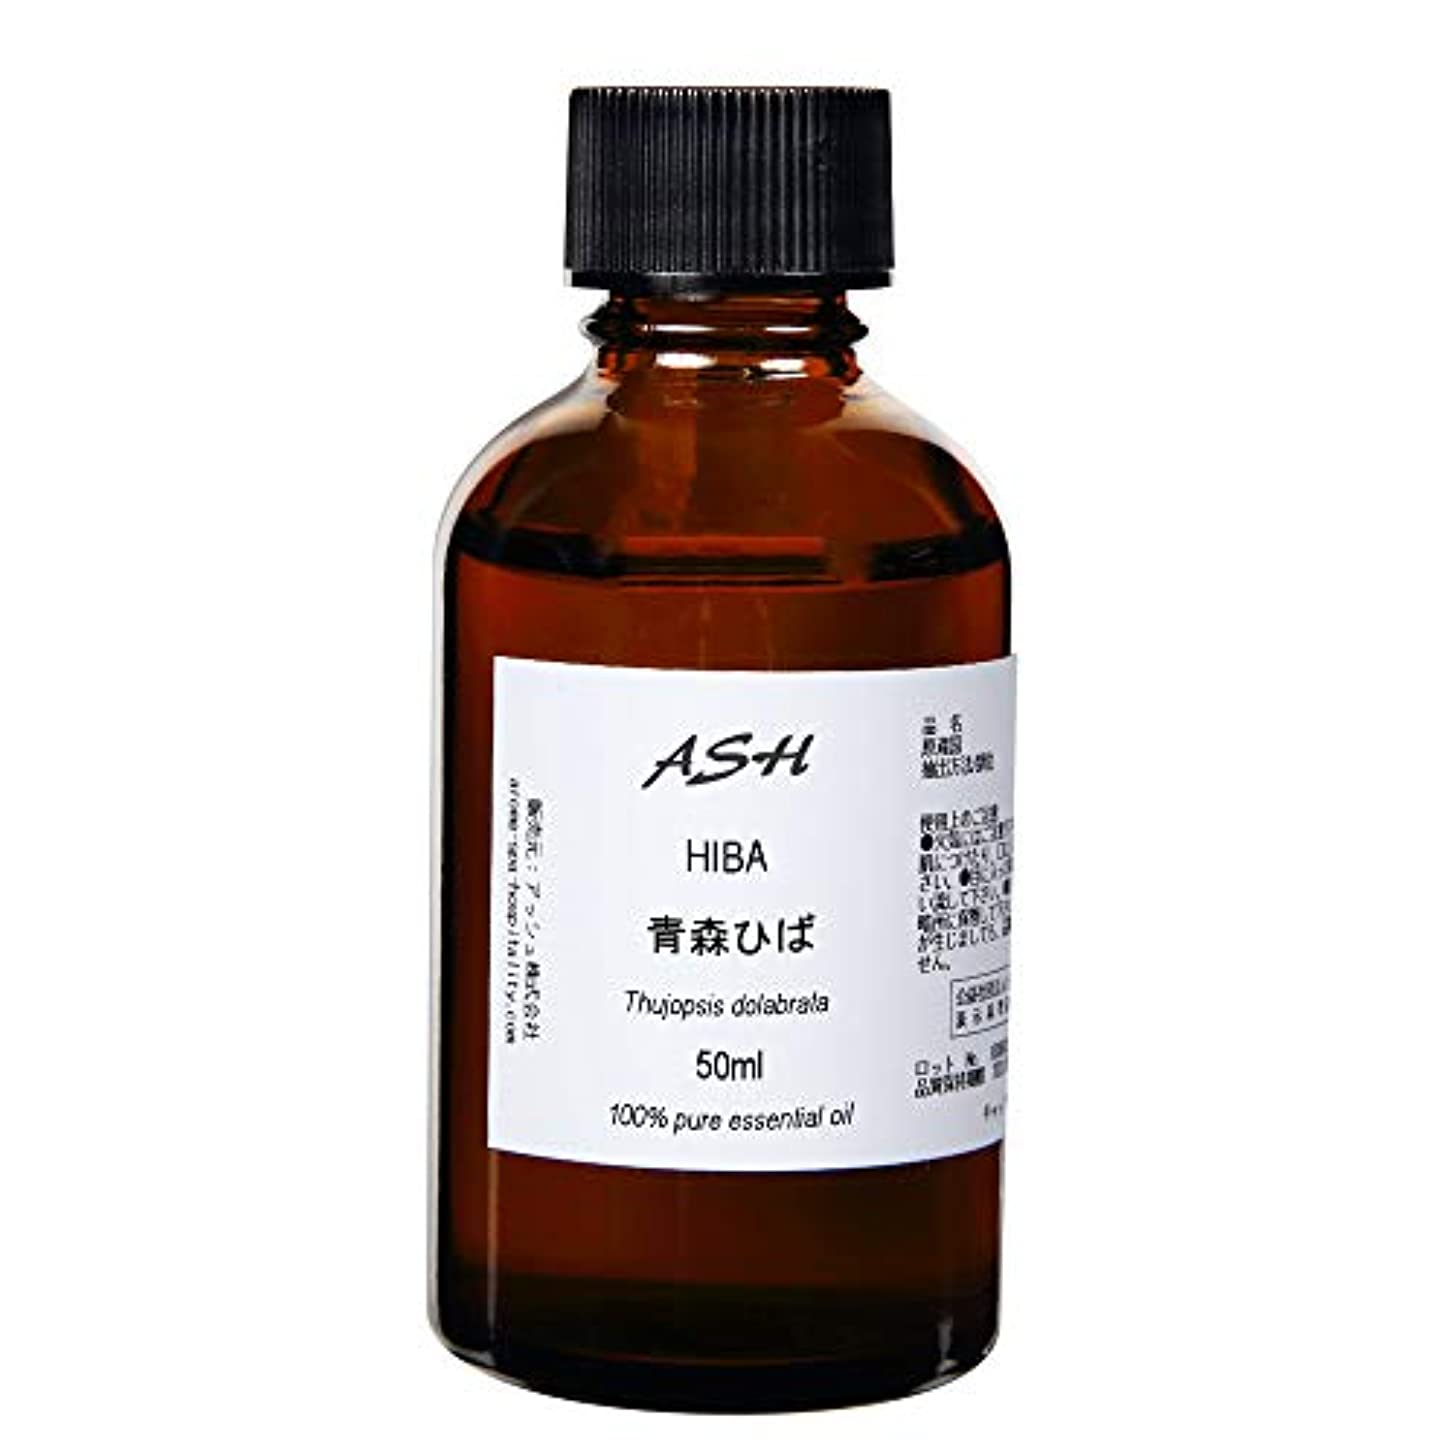 熟す離れたパキスタンASH 青森ひば エッセンシャルオイル 50ml AEAJ表示基準適合認定精油 和精油